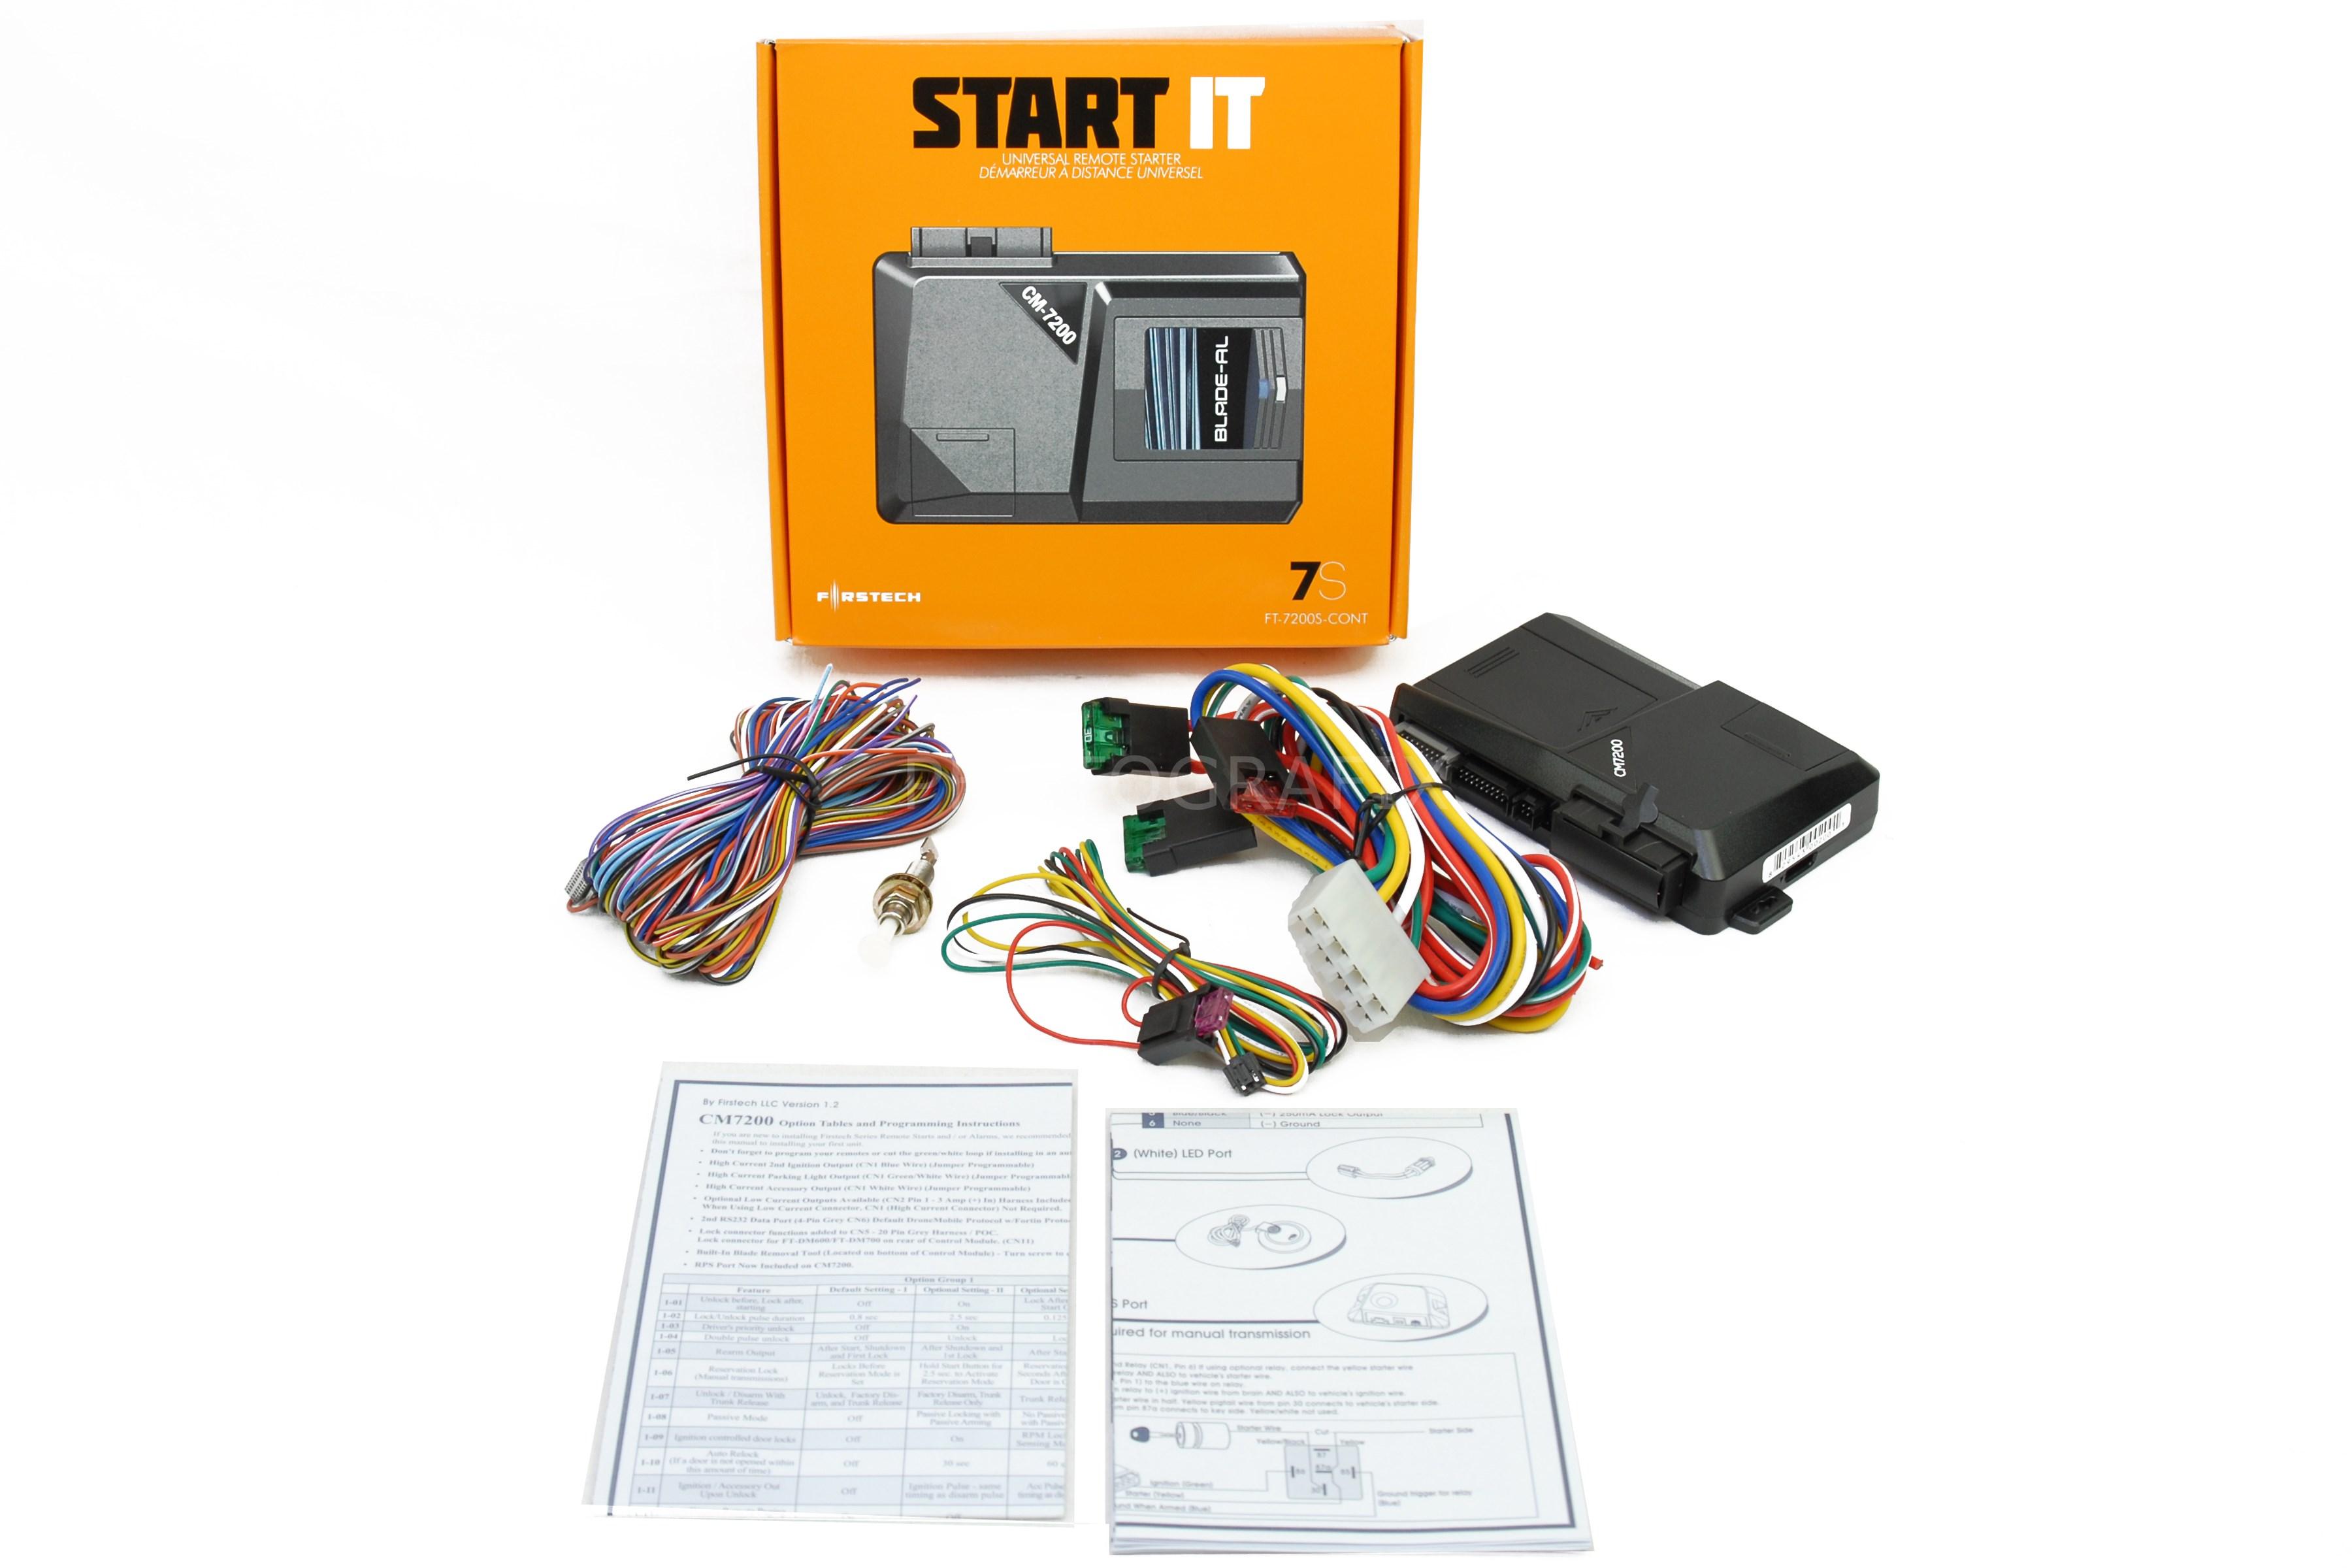 Compustar Remote Start Wiring Diagram